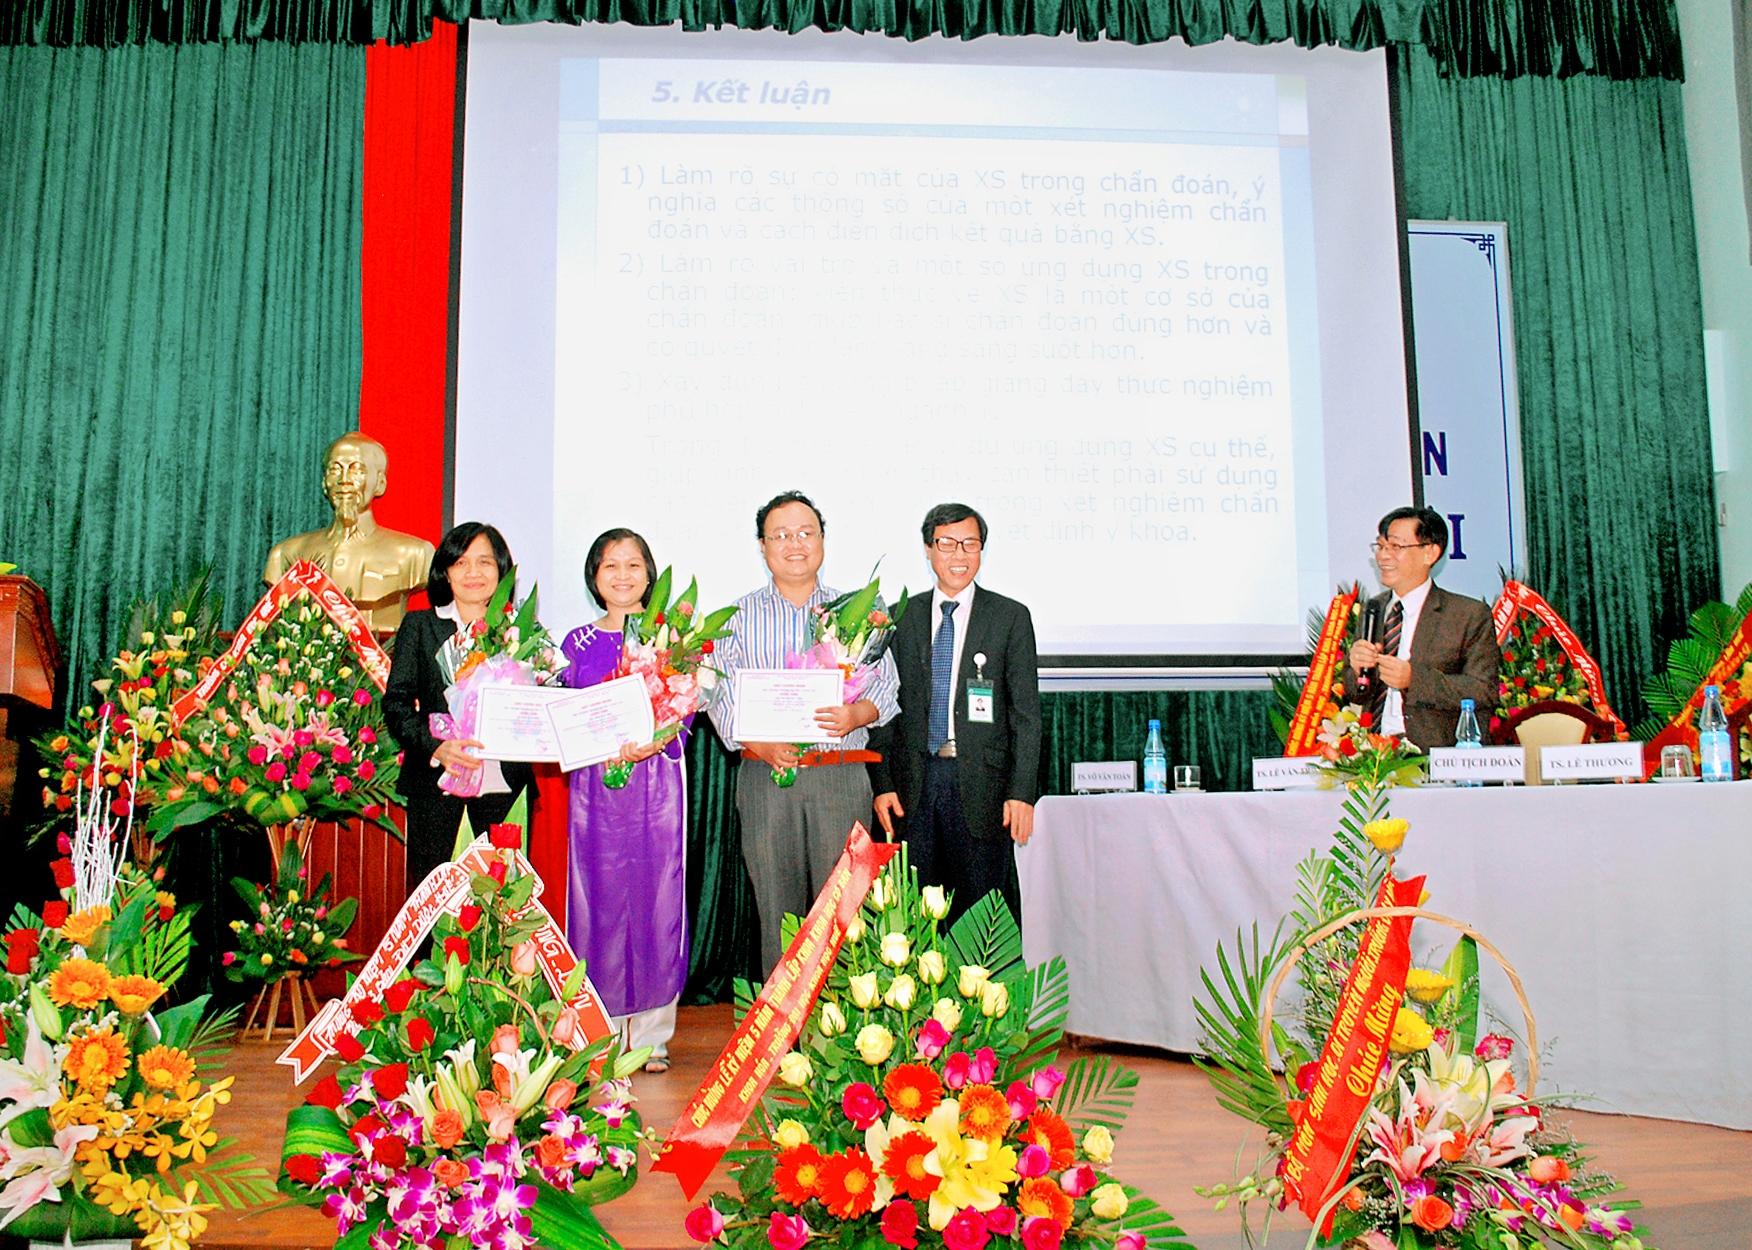 Hình 1. Bộ môn Toán Tin tham gia hội nghị khoa học